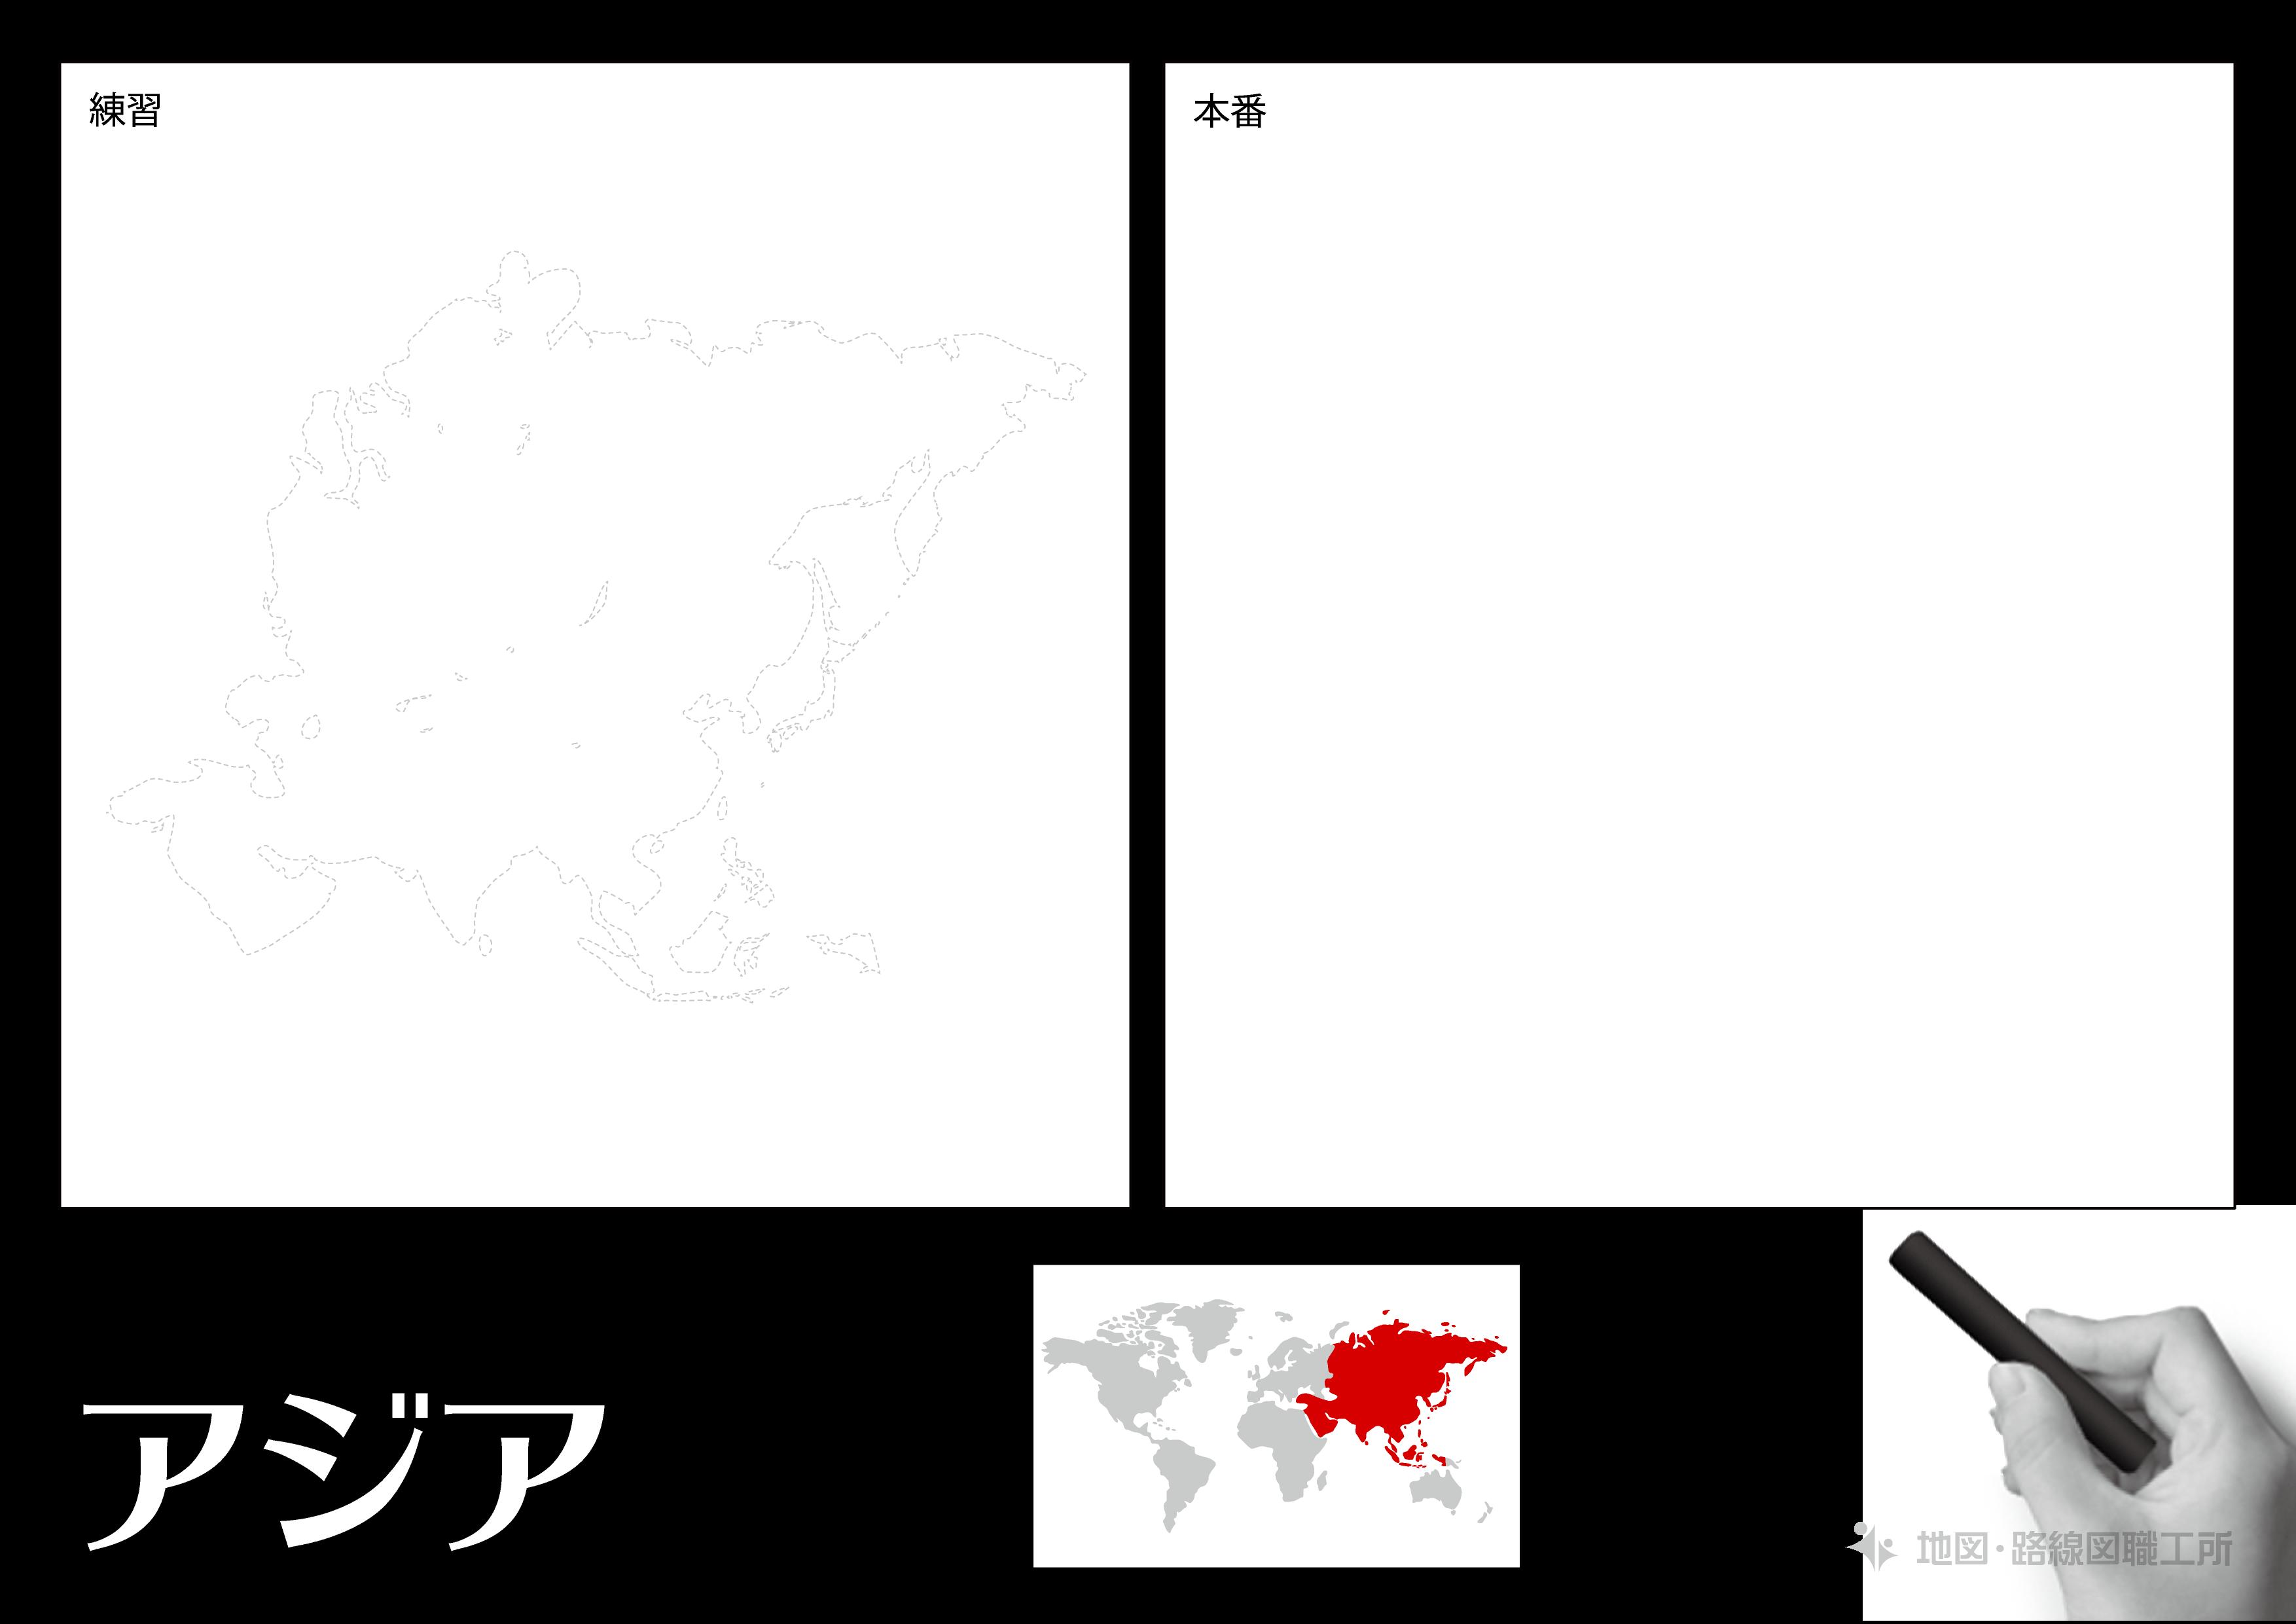 【なぞりえ道場】アジア地域 パターン2